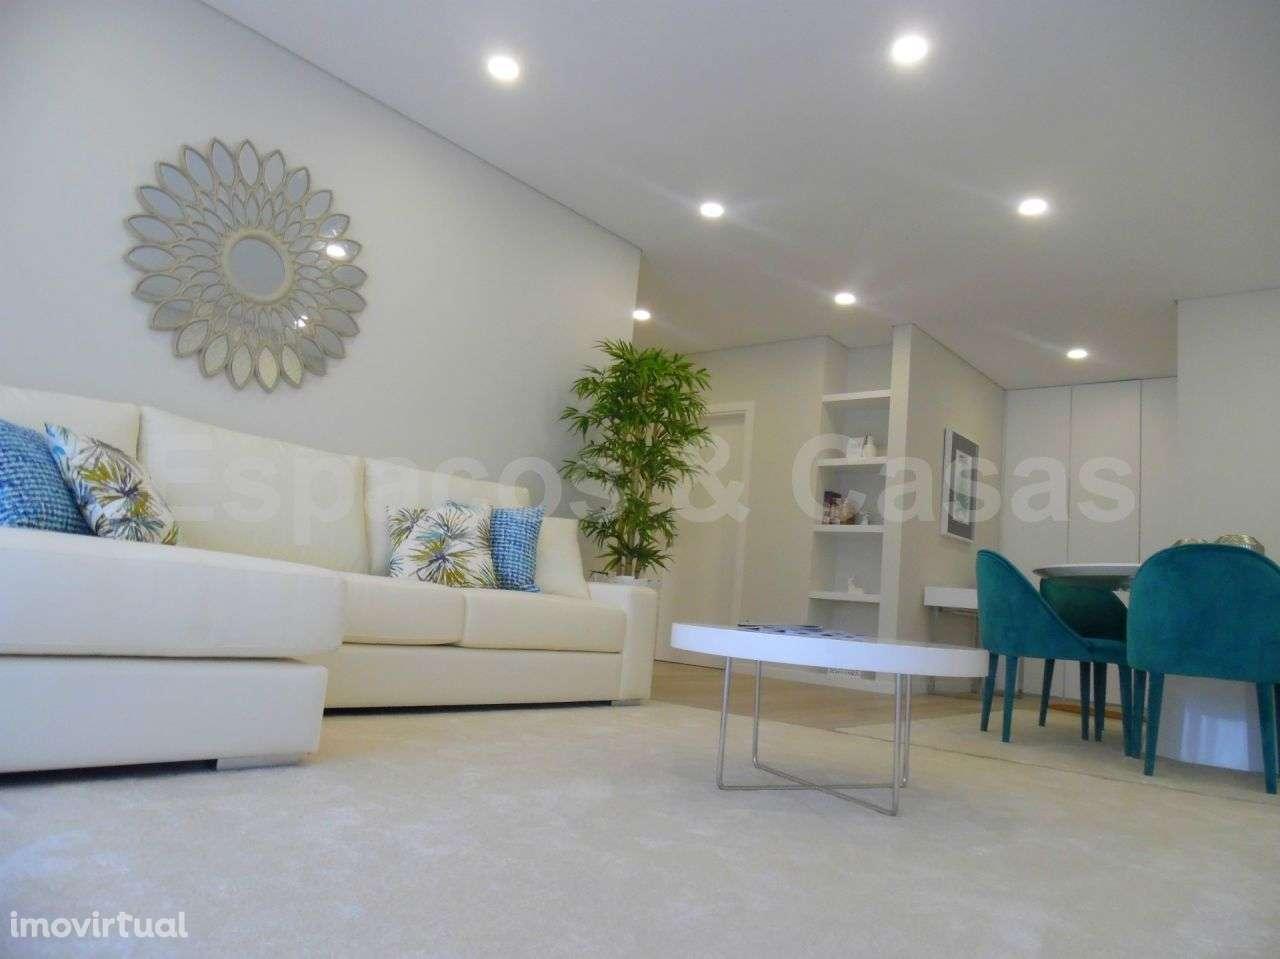 Apartamento para comprar, Tavarede, Figueira da Foz, Coimbra - Foto 4